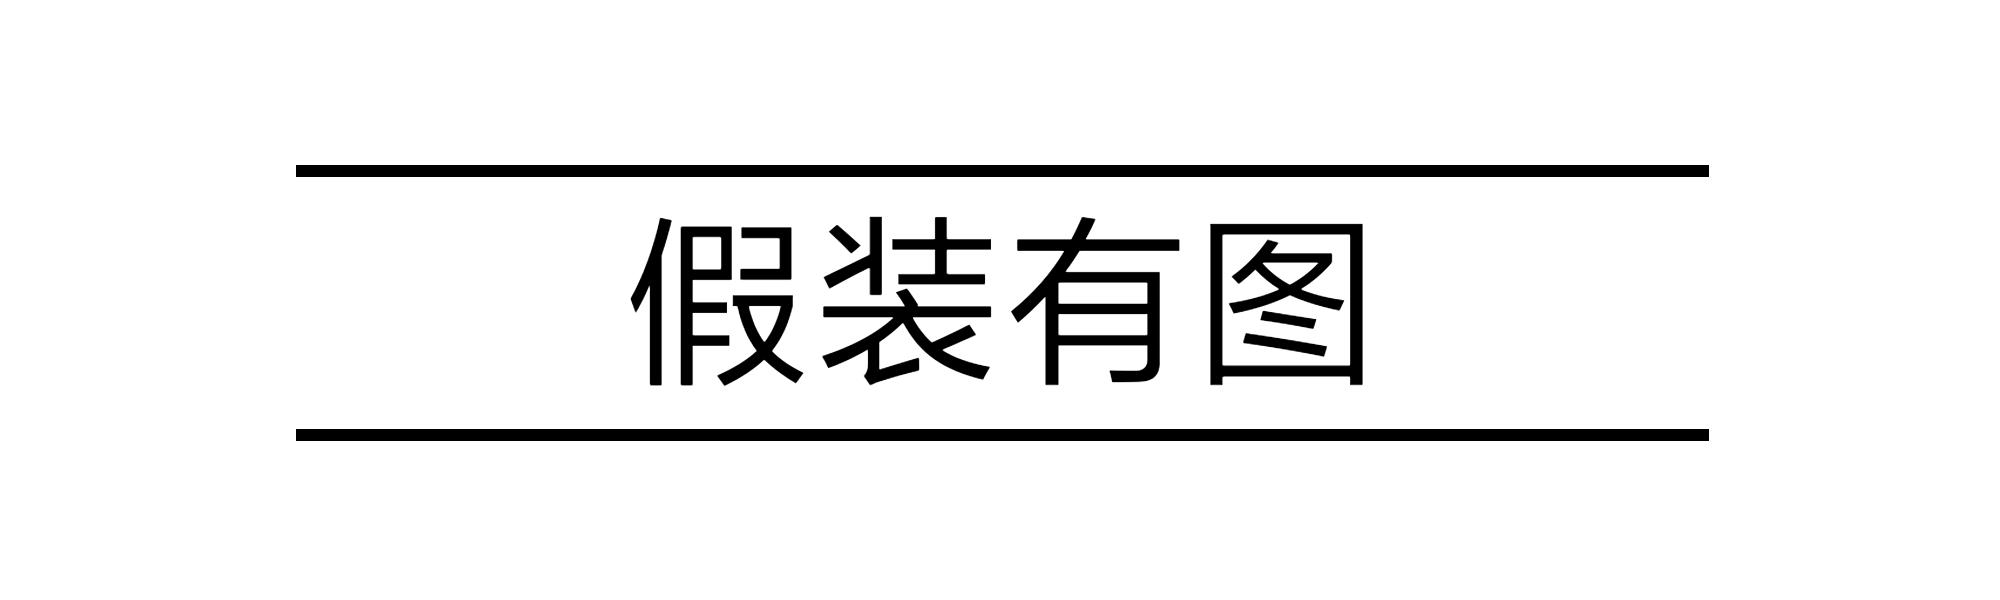 景安双11抽红包活动0撸服务器